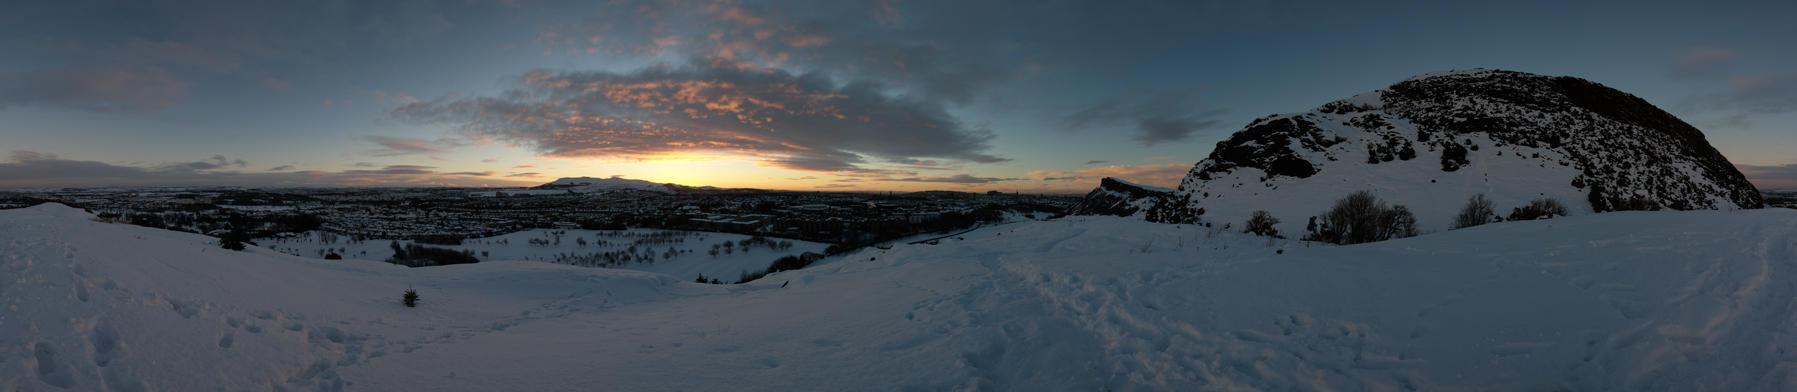 Sunset on Snowy Edinburgh